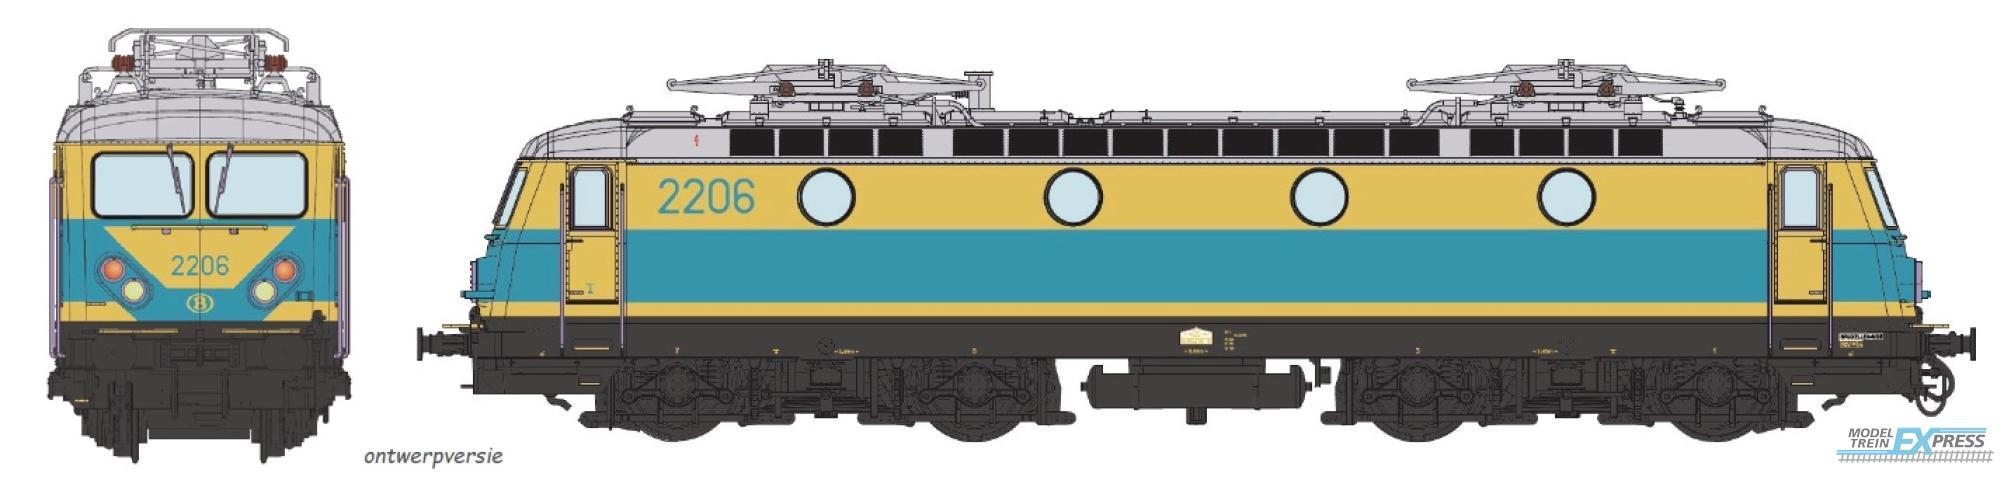 B-Models 3304.02